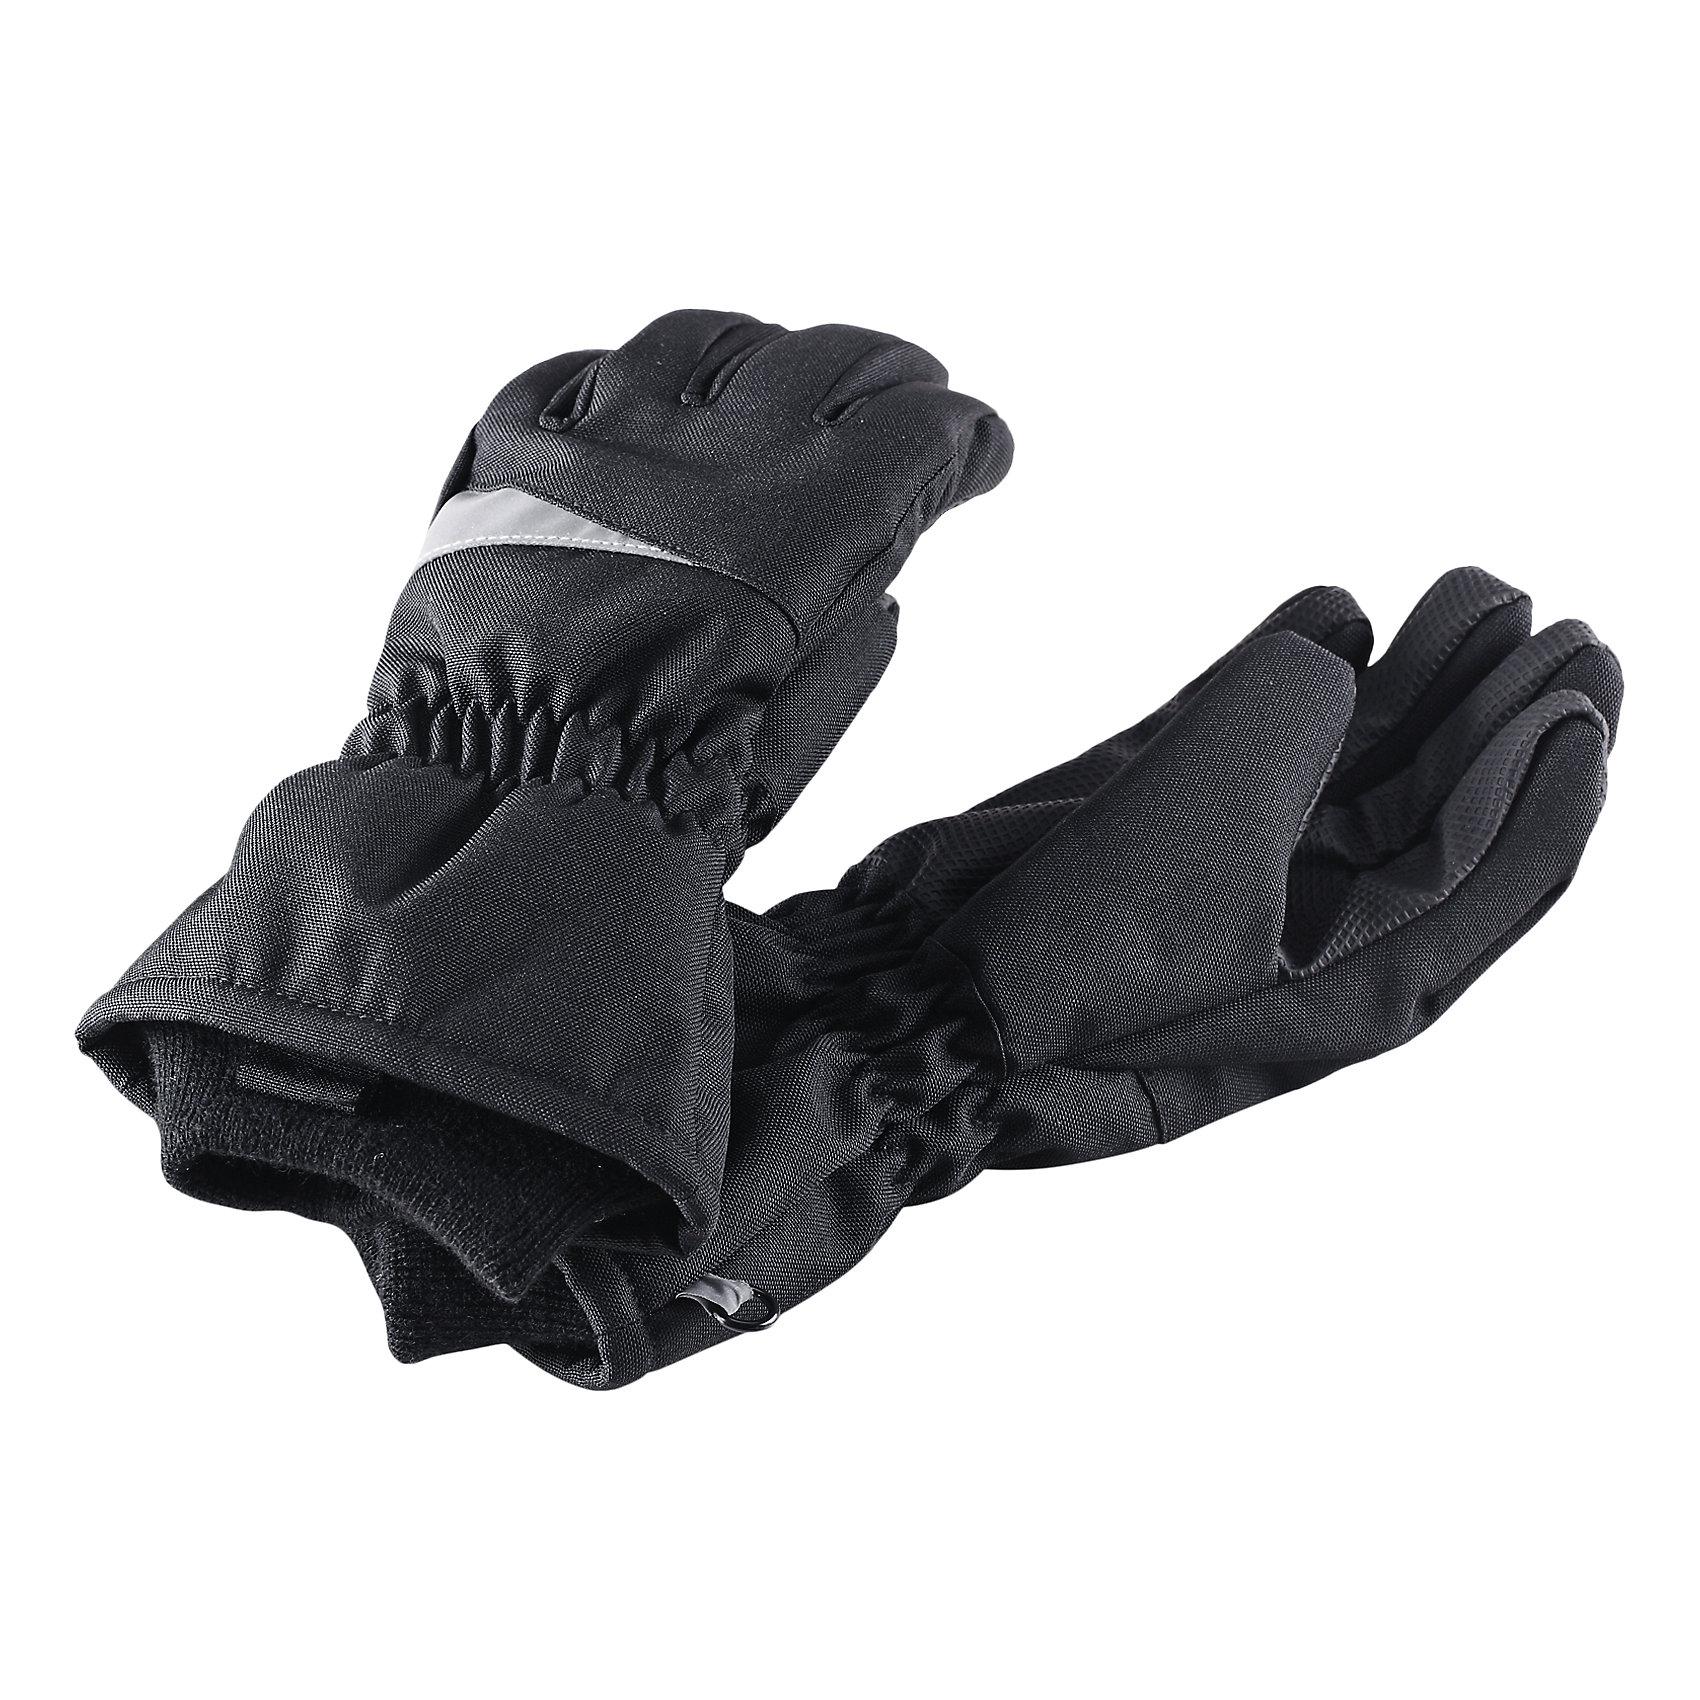 Перчатки для мальчика LASSIEПерчатки и варежки<br>Зимние перчатки для детей Lassietec®.<br><br>- Сверхпрочный материал. Водонепроницаемая вставка. Водо- и ветронепроницаемый «дышащий» материал.<br>- Накладки на ладонях и больших пальцах.<br>- Подкладка из полиэстера с начесом. <br>- Средняя степень утепления.<br>-  Безопасные светоотражающие детали. Светоотражающая эмблема Lassie®.<br><br> Рекомендации по уходу: Полоскать без специального средства. Сушить при низкой температуре.<br><br> Состав: 100% Полиамид, полиуретановое покрытие.  Утеплитель «Lassie wadding» 120гр.<br><br>Ширина мм: 162<br>Глубина мм: 171<br>Высота мм: 55<br>Вес г: 119<br>Цвет: черный<br>Возраст от месяцев: 120<br>Возраст до месяцев: 144<br>Пол: Мужской<br>Возраст: Детский<br>Размер: 6,3,4,5<br>SKU: 4780588